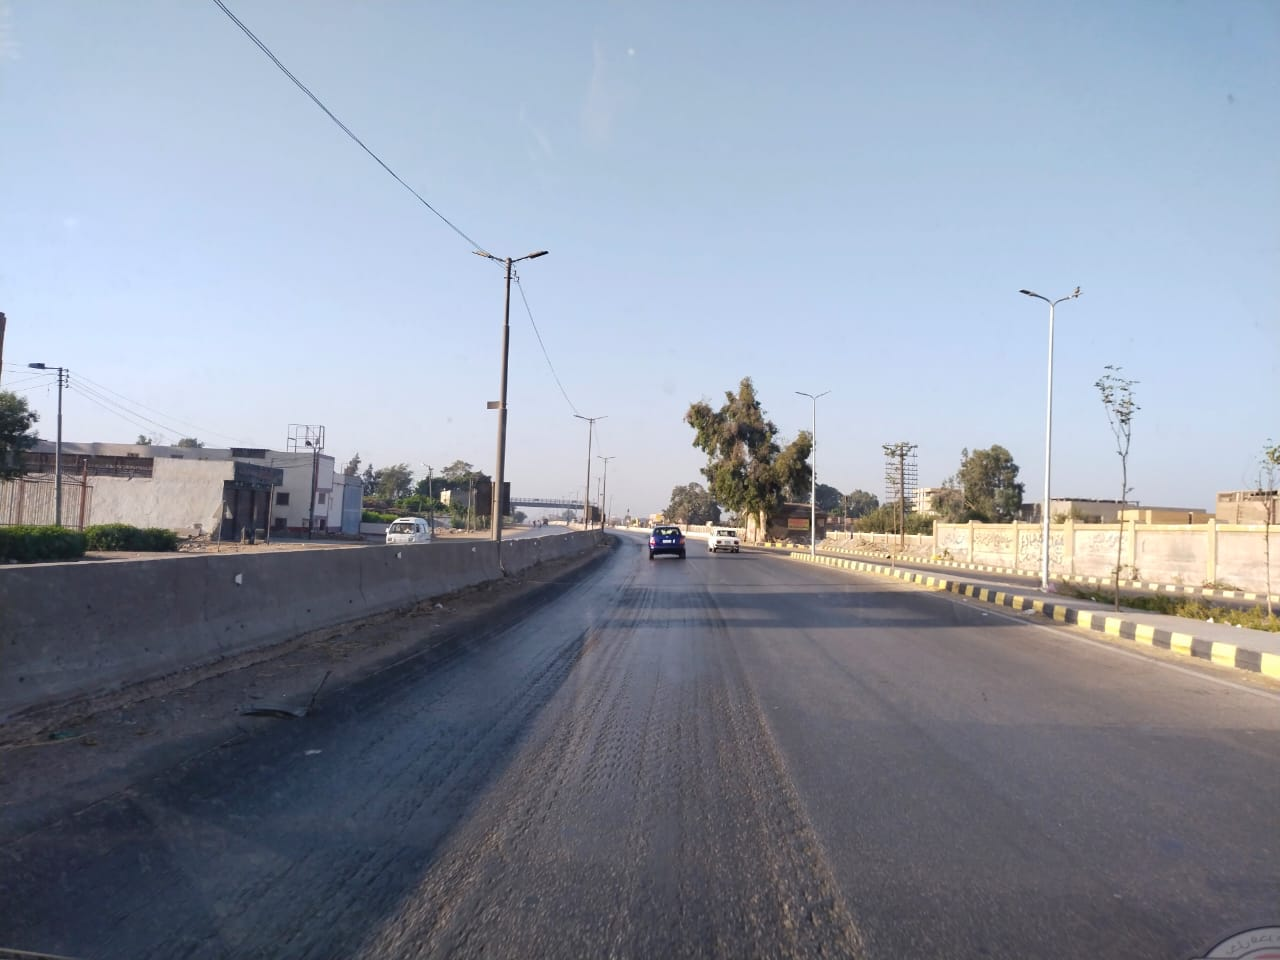 سيولة مرورية بطريق القاهرة الإسكندرية الزراعى (5)